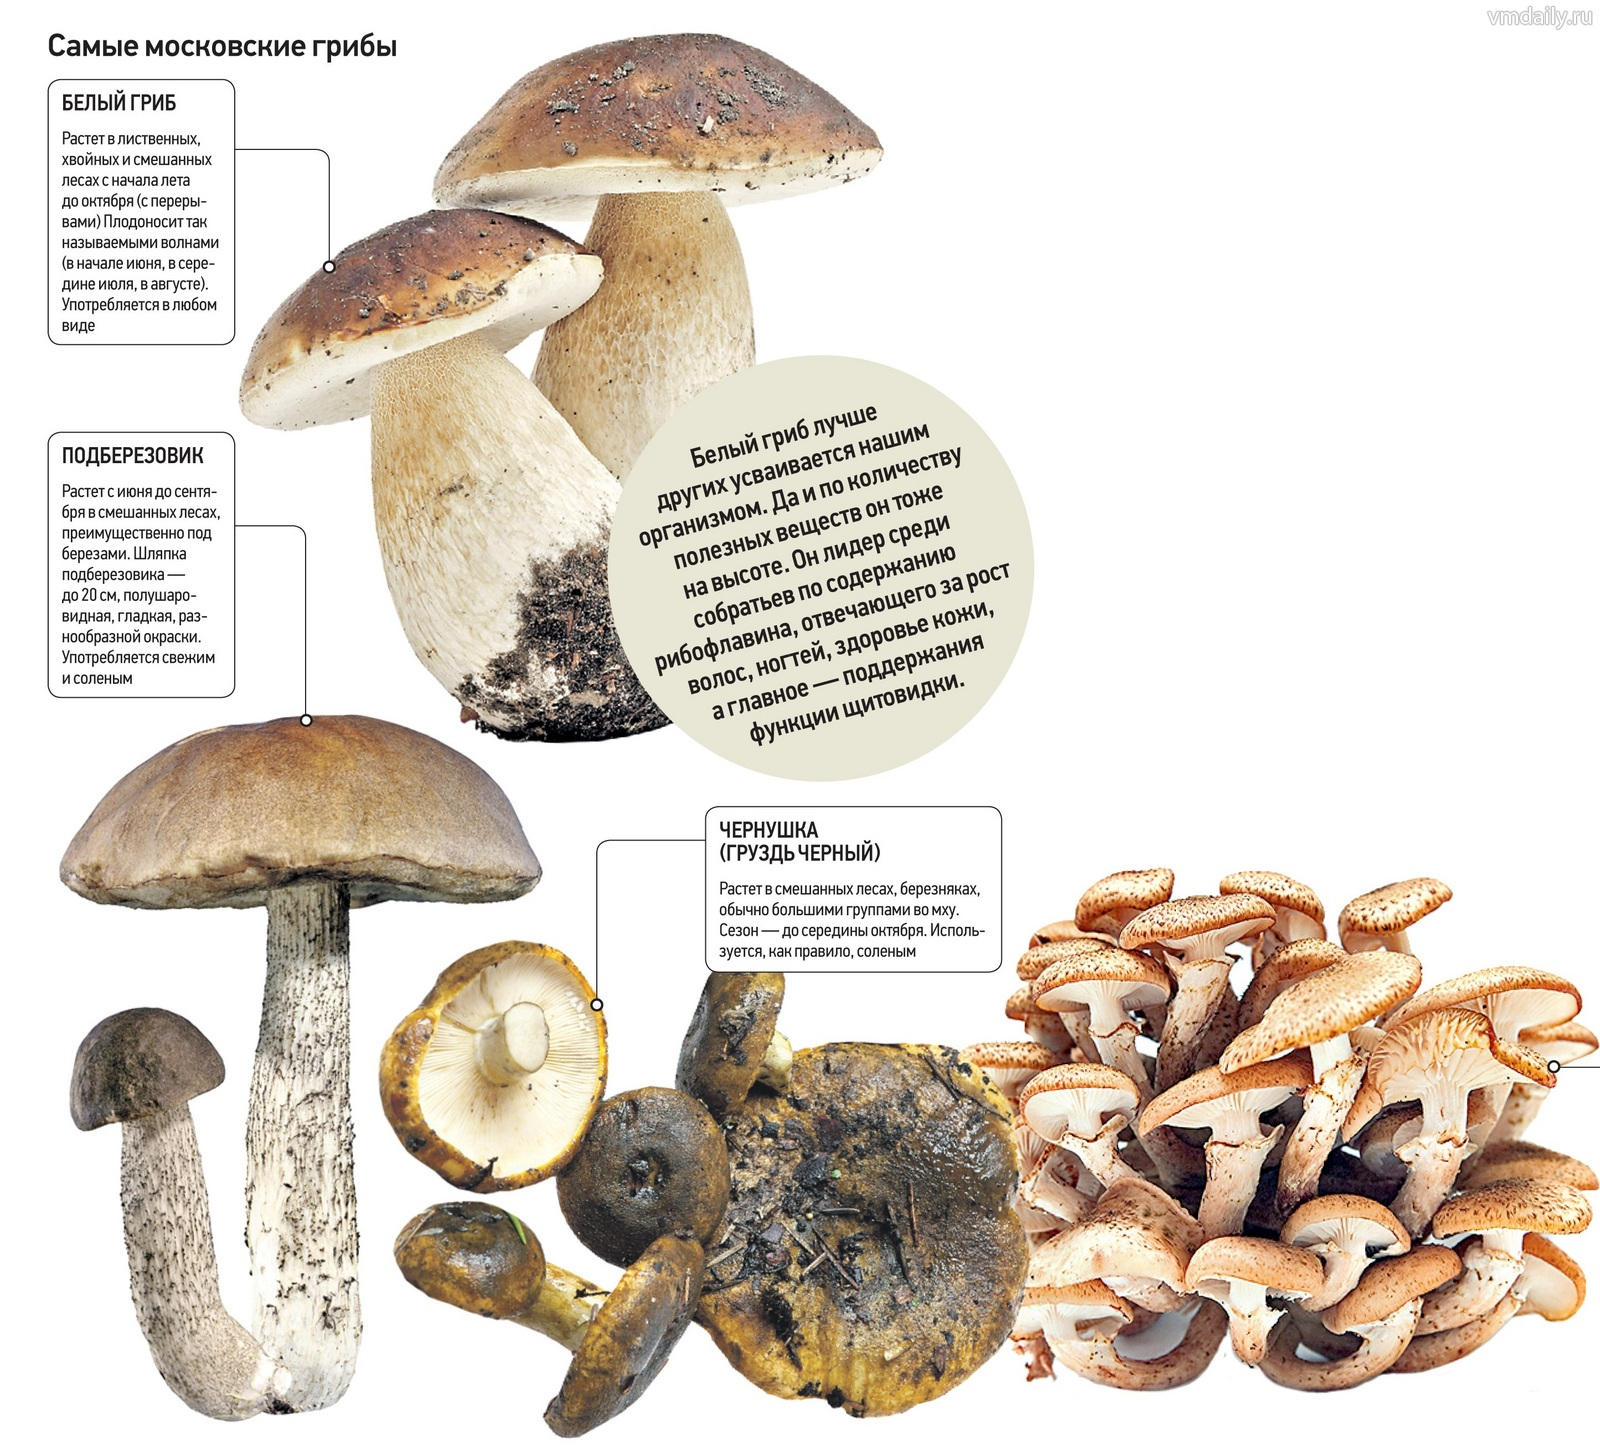 Самые желанные для всех грибы — белые. Чтобы набрести на хорошее место, где они растут, надо выбрать березнячок или мелколесье, где вместе с березами попадаются елки. Верный знак того, что вы встретите белые, — растущие поганки белого цвета и мухоморы: эти грибы любят похожие условия и часто растут вместе